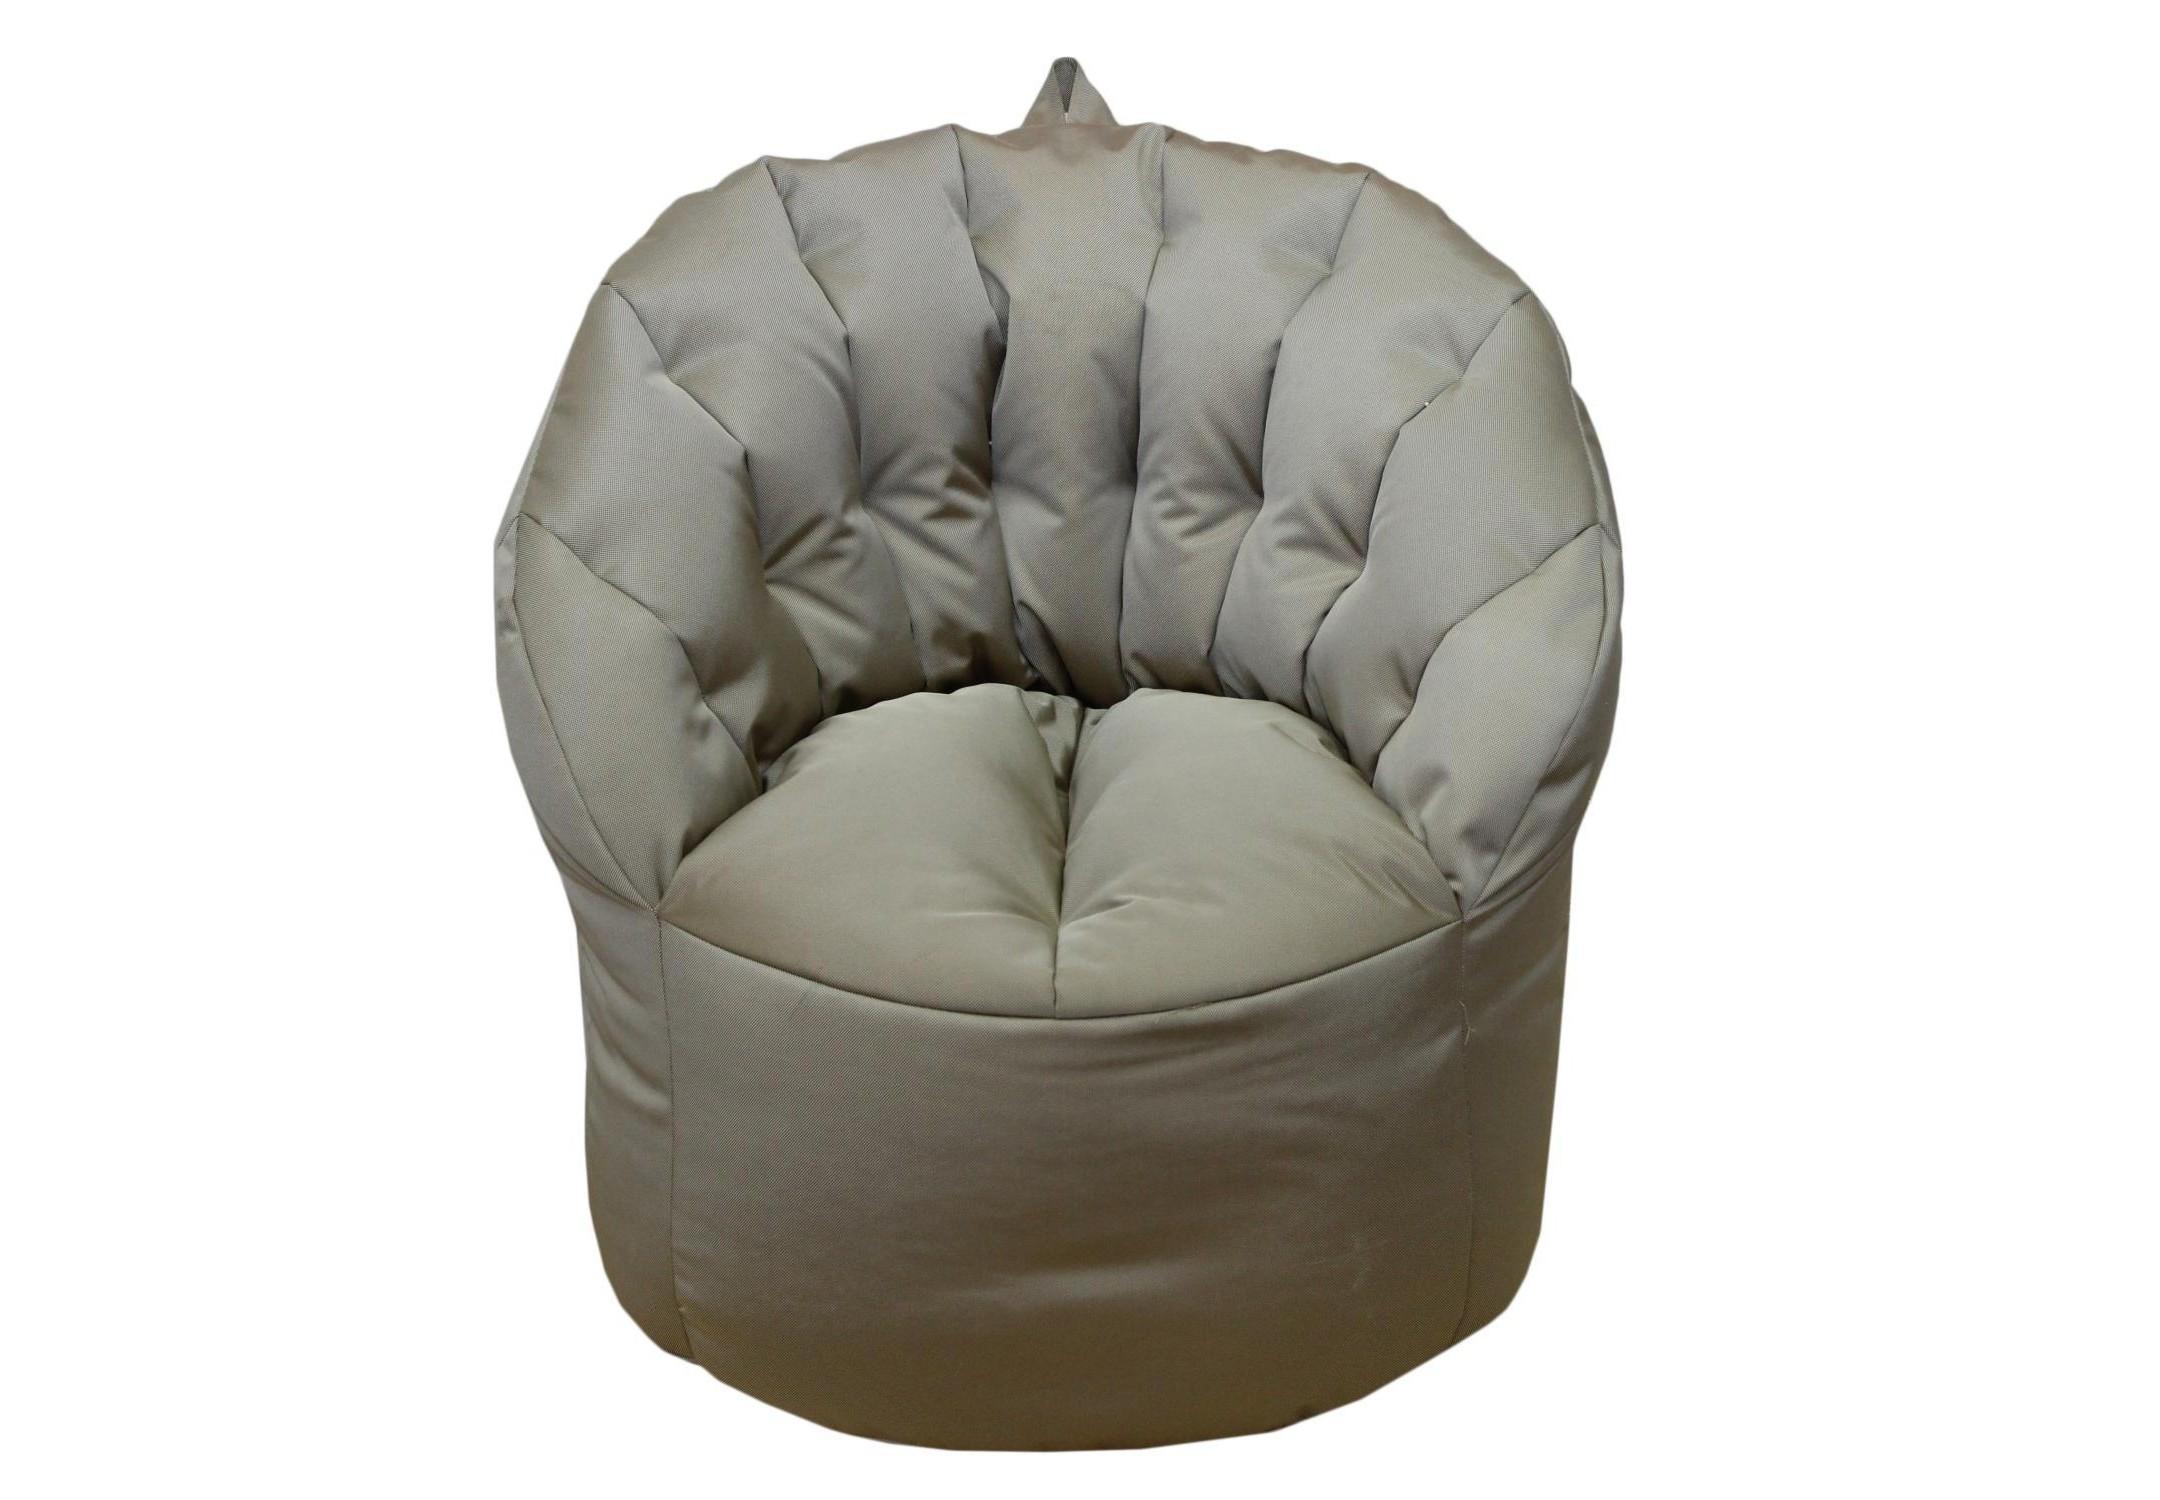 Уличное кресло- пуф WoodФорменные пуфы<br>Очень комфортное и  легкое  кресло-пуф станет неотъемлемой частью вашего интерьера как дома ,так и на улице. Сиденье и спинка кресла великолепно поддерживают и принимают форму тела, обеспечивая комфортный отдых. Читайте книгу, общайтесь с друзьями или просто наслаждайтесь лучами летнего солнца удобно разместившись в этом кресле!  Оно сшито из очень плотной ткани с водооталкивающим покрытием с внешней строны, поэтому идеально подойдет для уличного декора.При загрязнении его достаточно протереть мокрой салфеткой.<br><br>Material: Текстиль<br>Length см: None<br>Width см: 80<br>Depth см: 60<br>Height см: 90